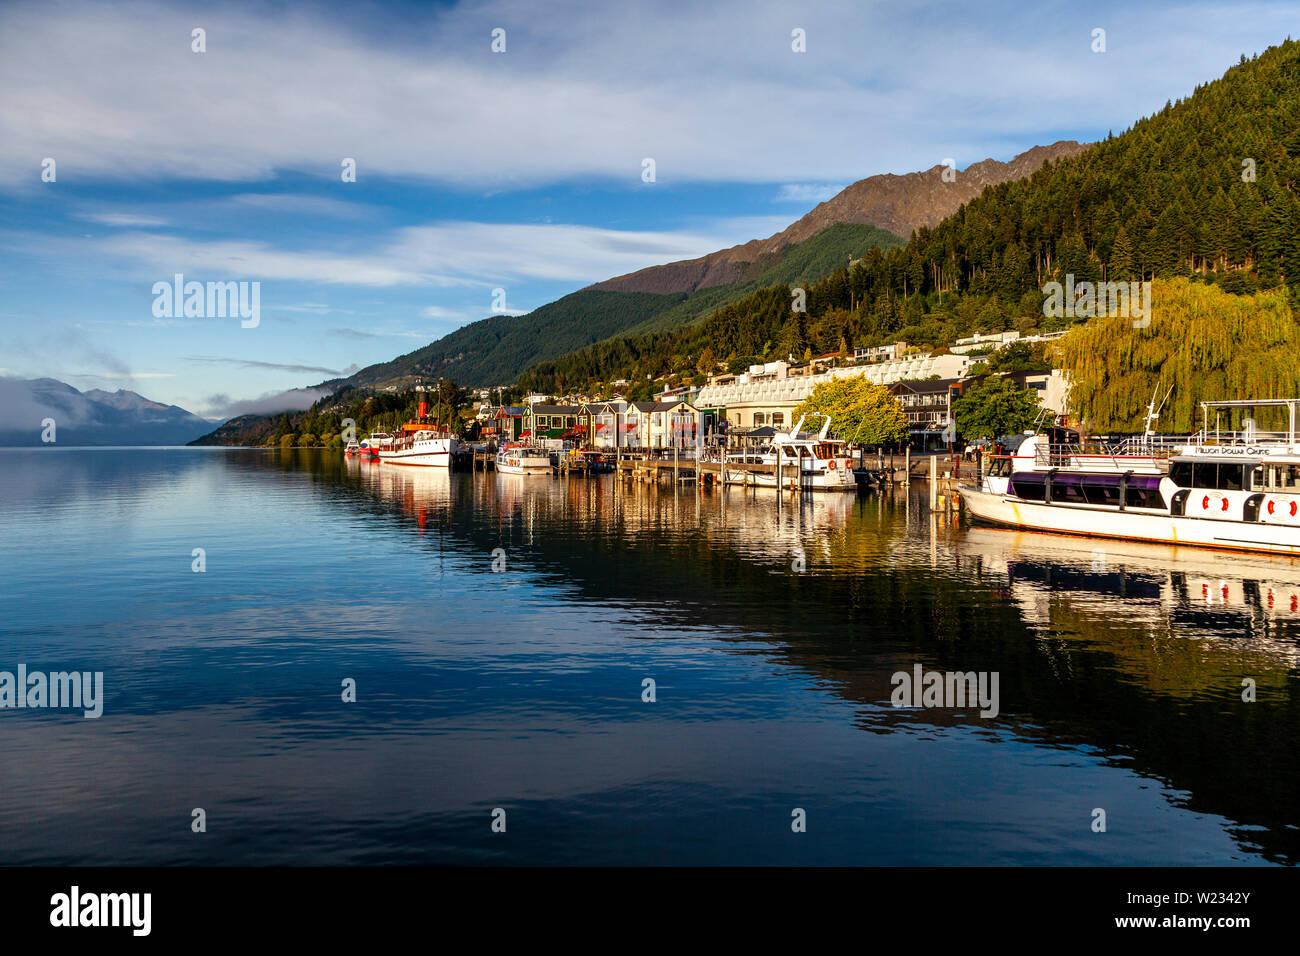 Le lac Wakatipu et Queenstown, Otago, île du Sud, Nouvelle-Zélande Banque D'Images